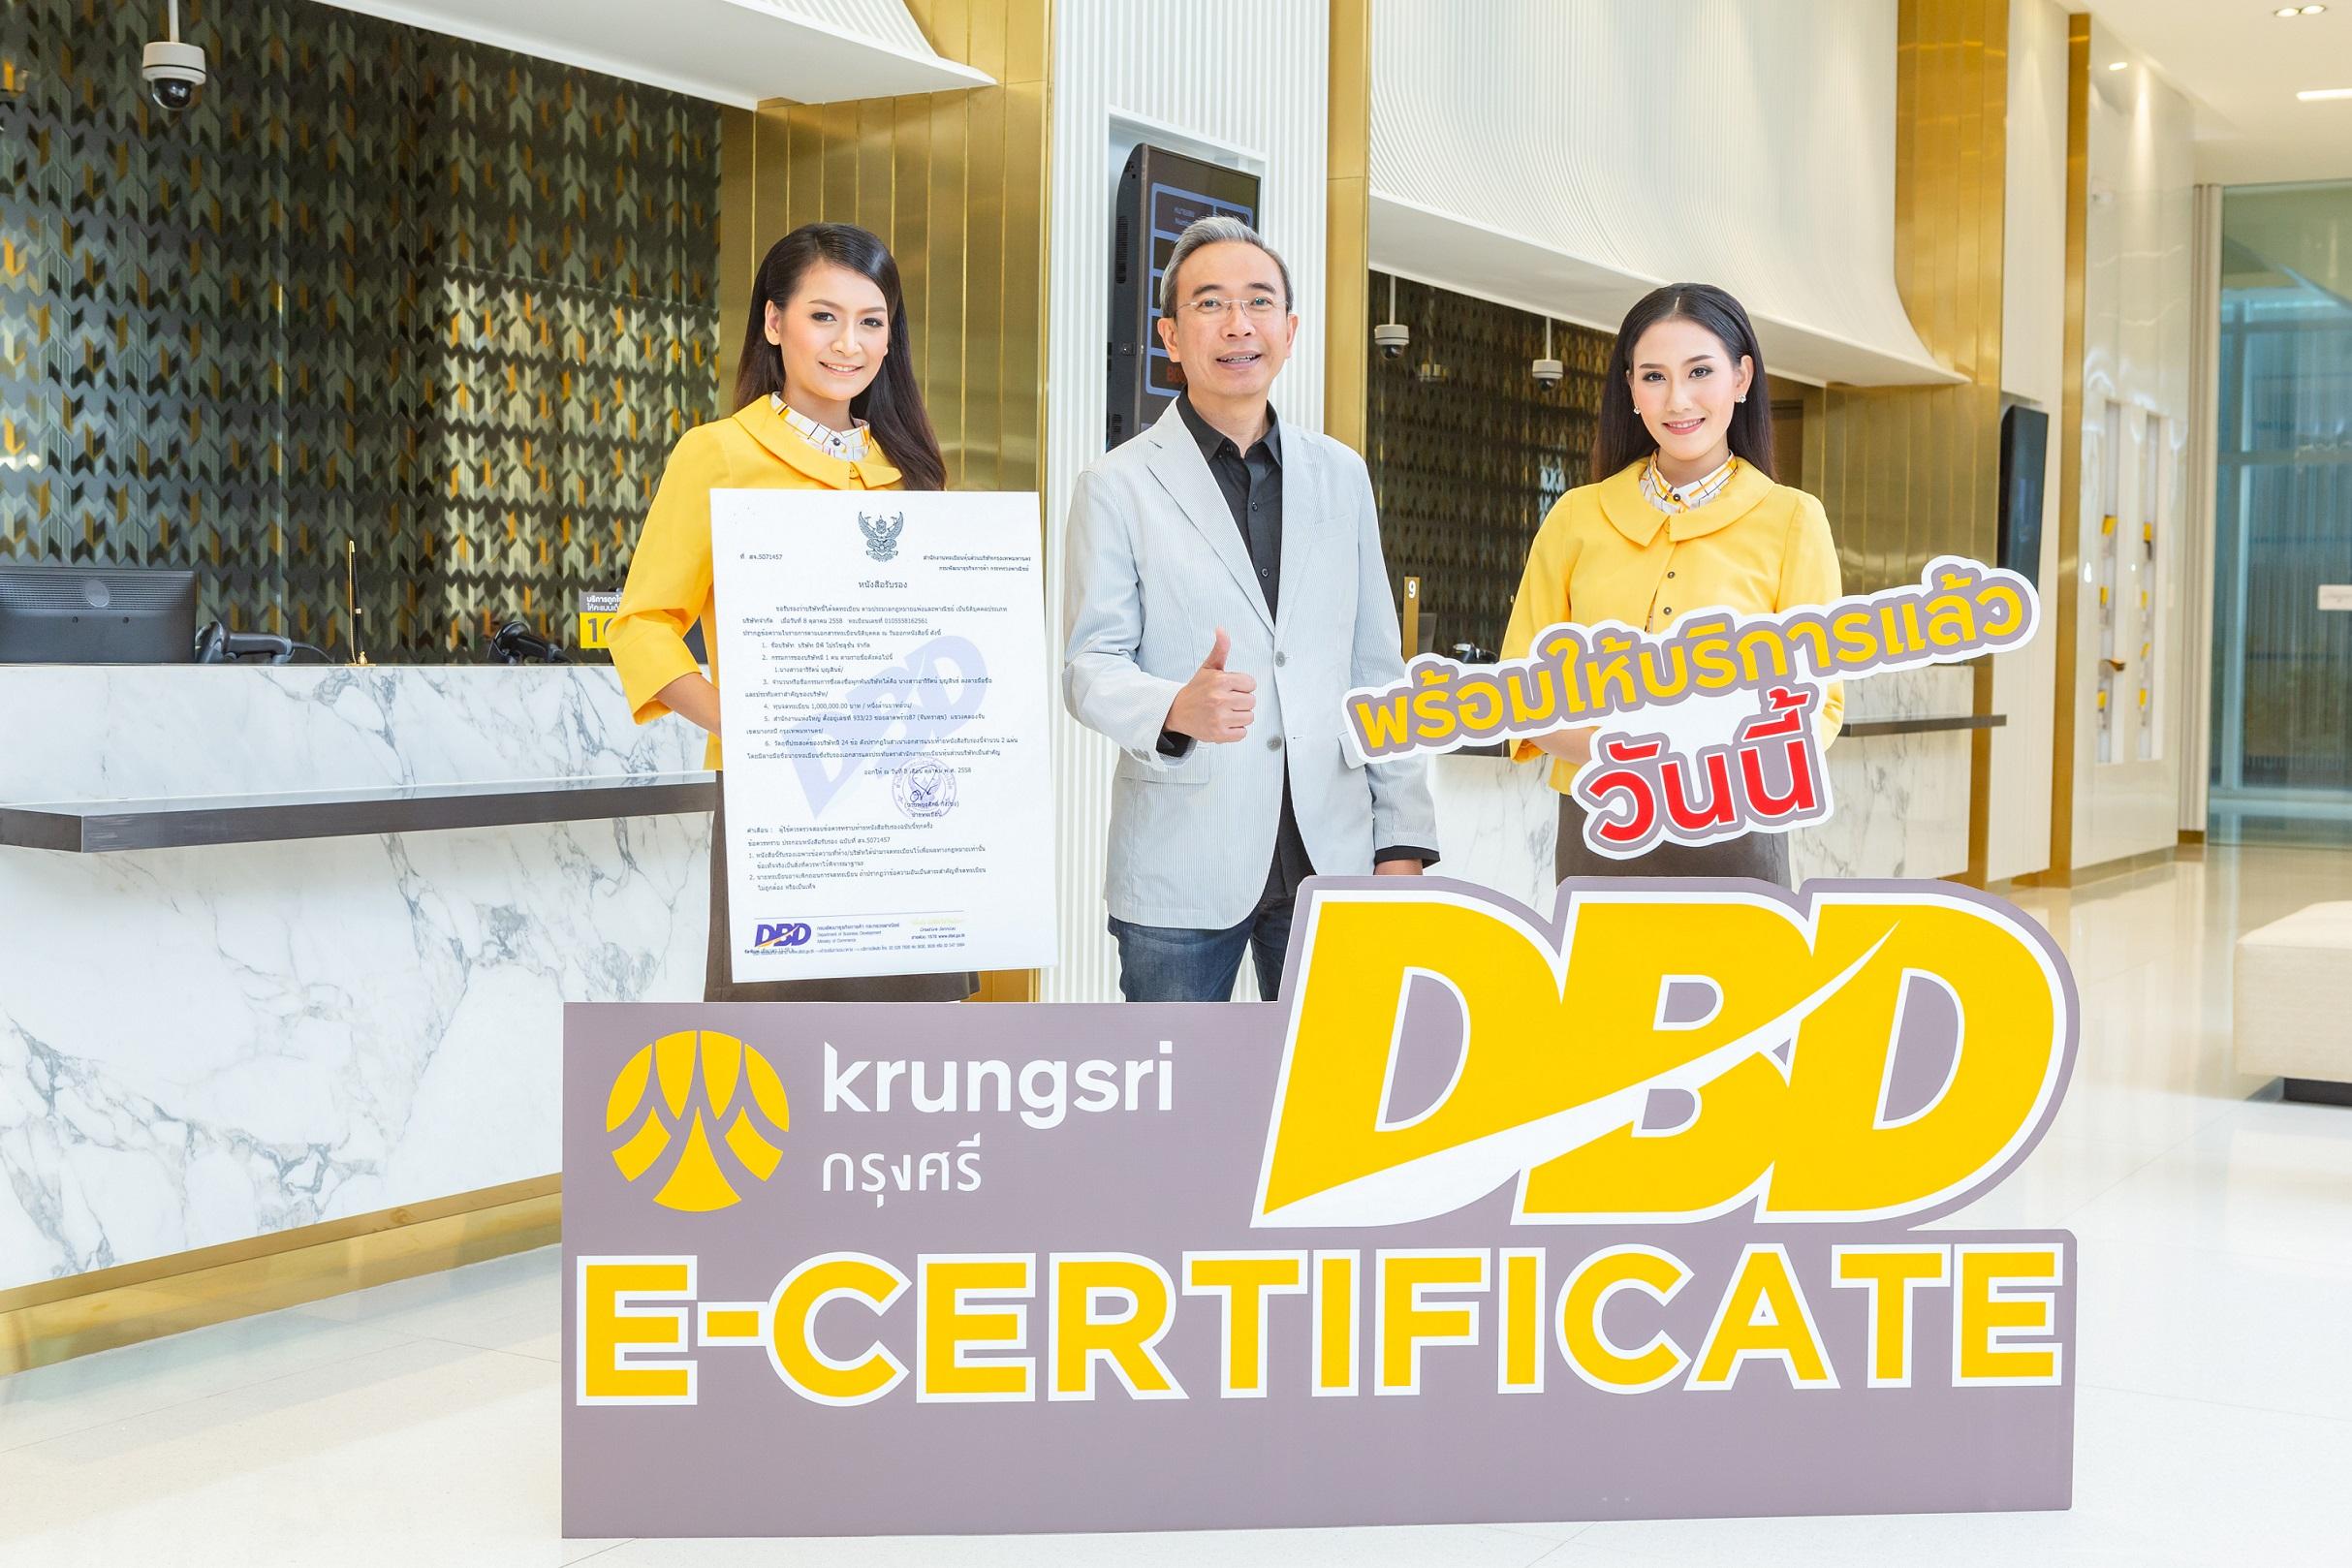 กรุงศรีพร้อมให้บริการออกหนังสือรับรองนิติบุคคลทางอิเล็กทรอนิกส์ (e-Certificate)